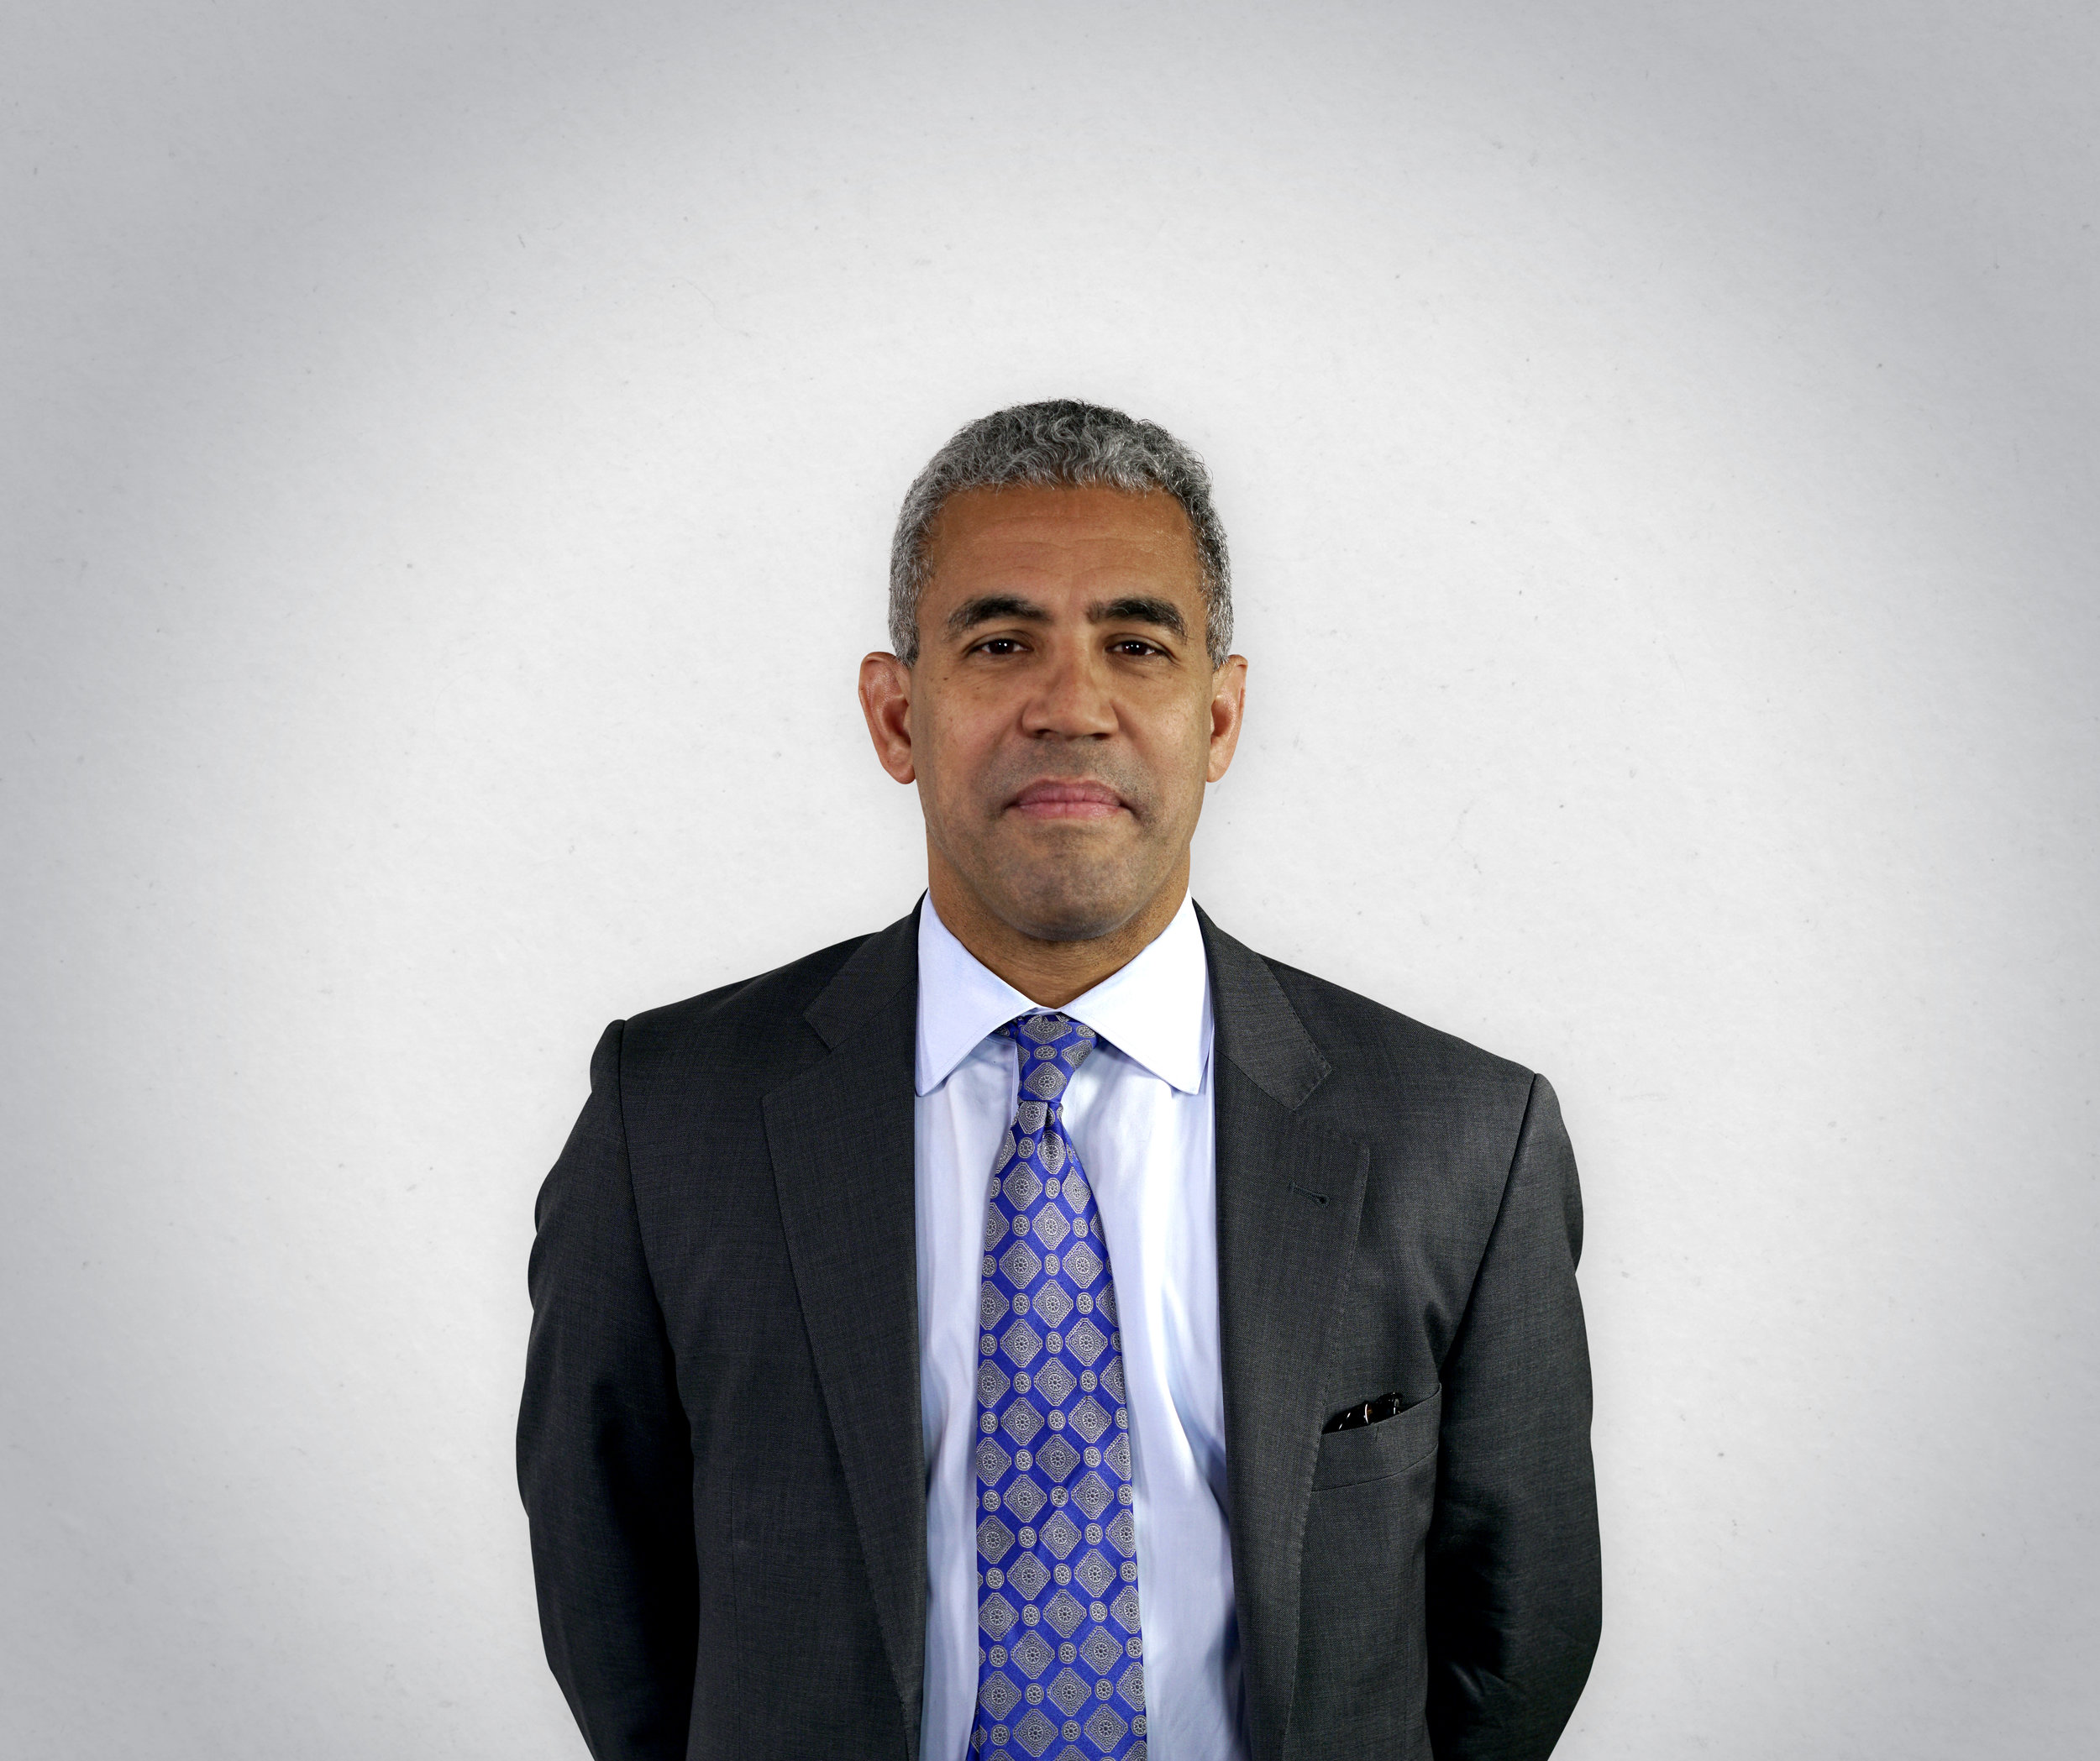 EricMaldonado1.JPG